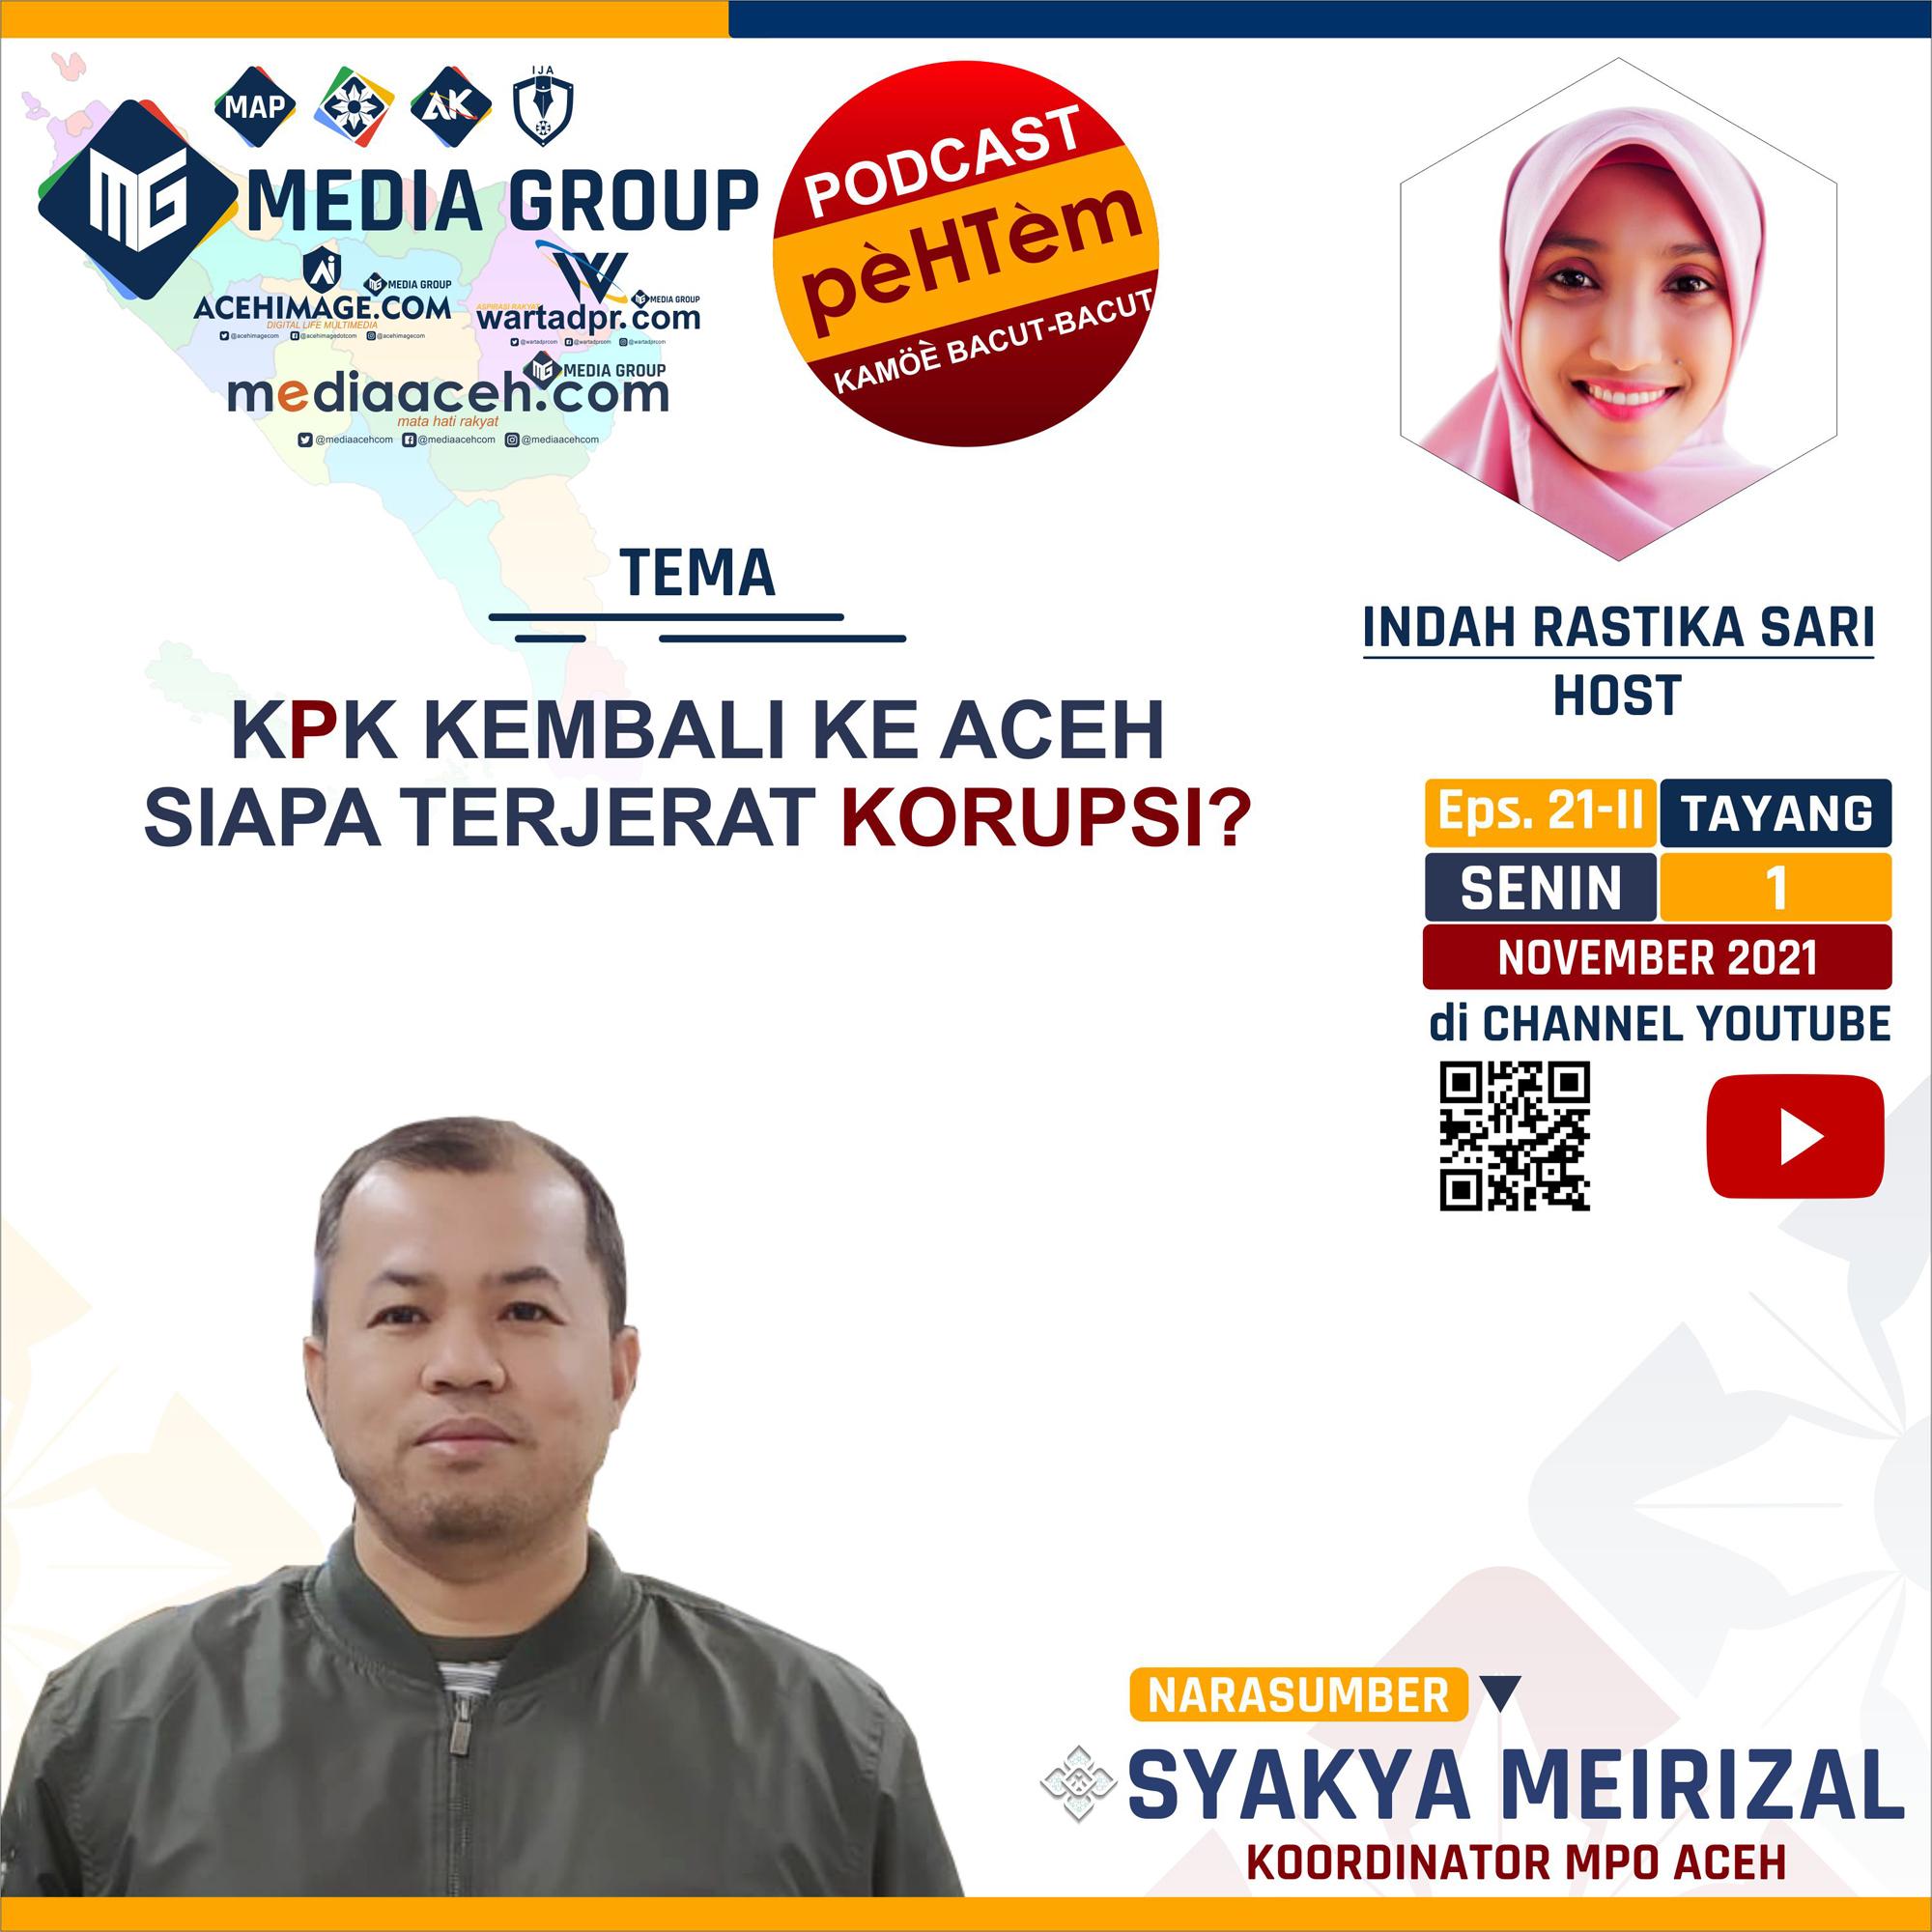 Syakya Meirizal 3